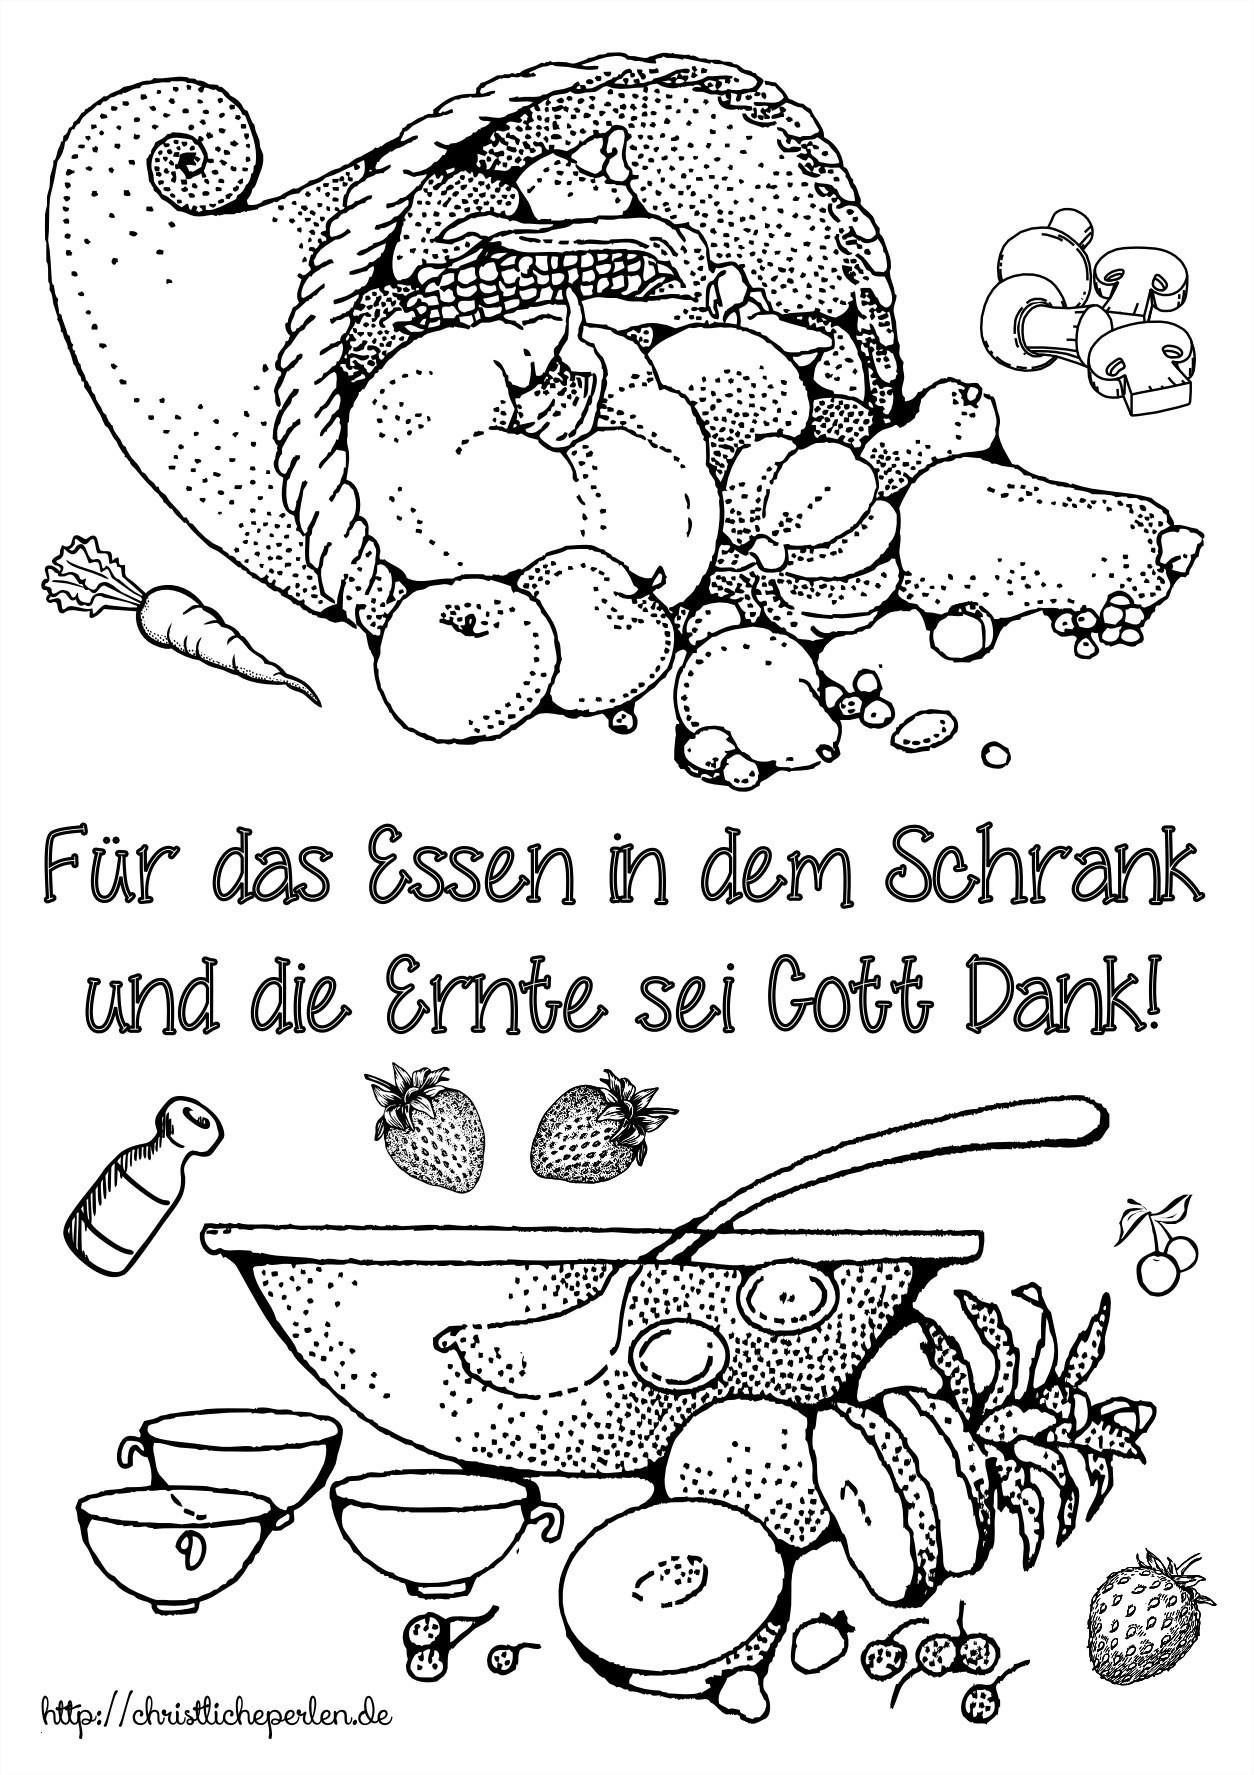 Fc Bayern Logo Zum Ausmalen Genial Ausmalbilder Fussball Wappen Genial Malvorlagen Bilder Uploadertalk Bilder